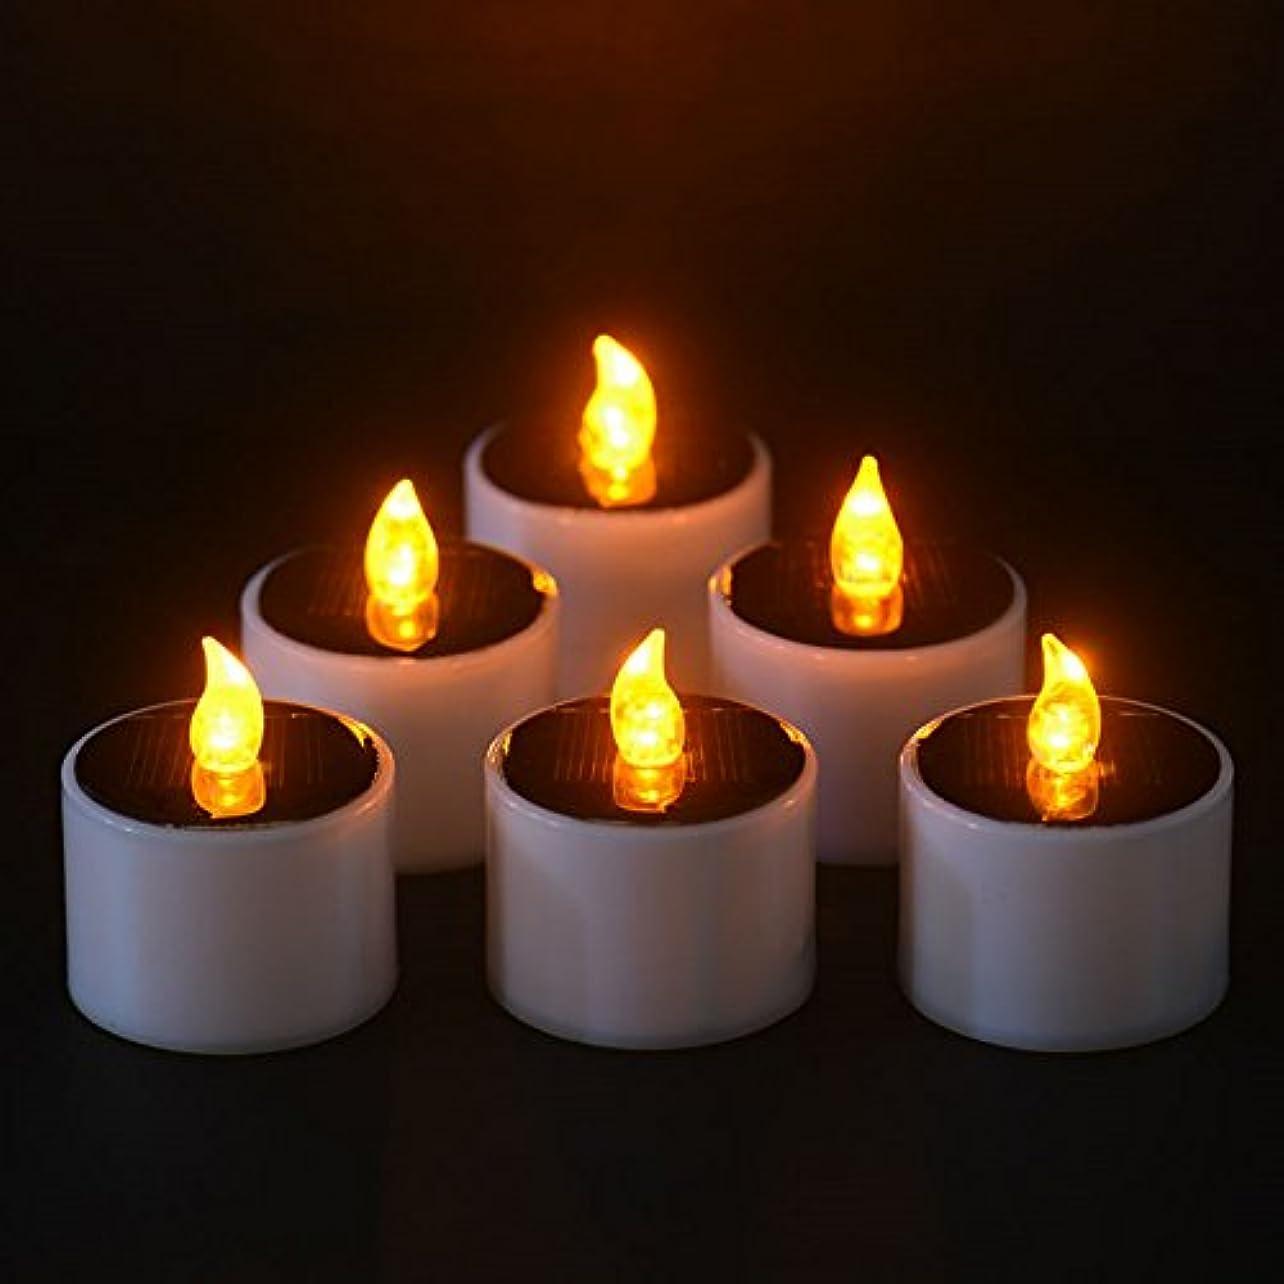 幻滅するできたイブニングソーラーキャンドル、ソーラー電源電子常夜灯LEDキャンドルライトFlameless Tealightsちらつきキャンドル、イエロー、6個のパック